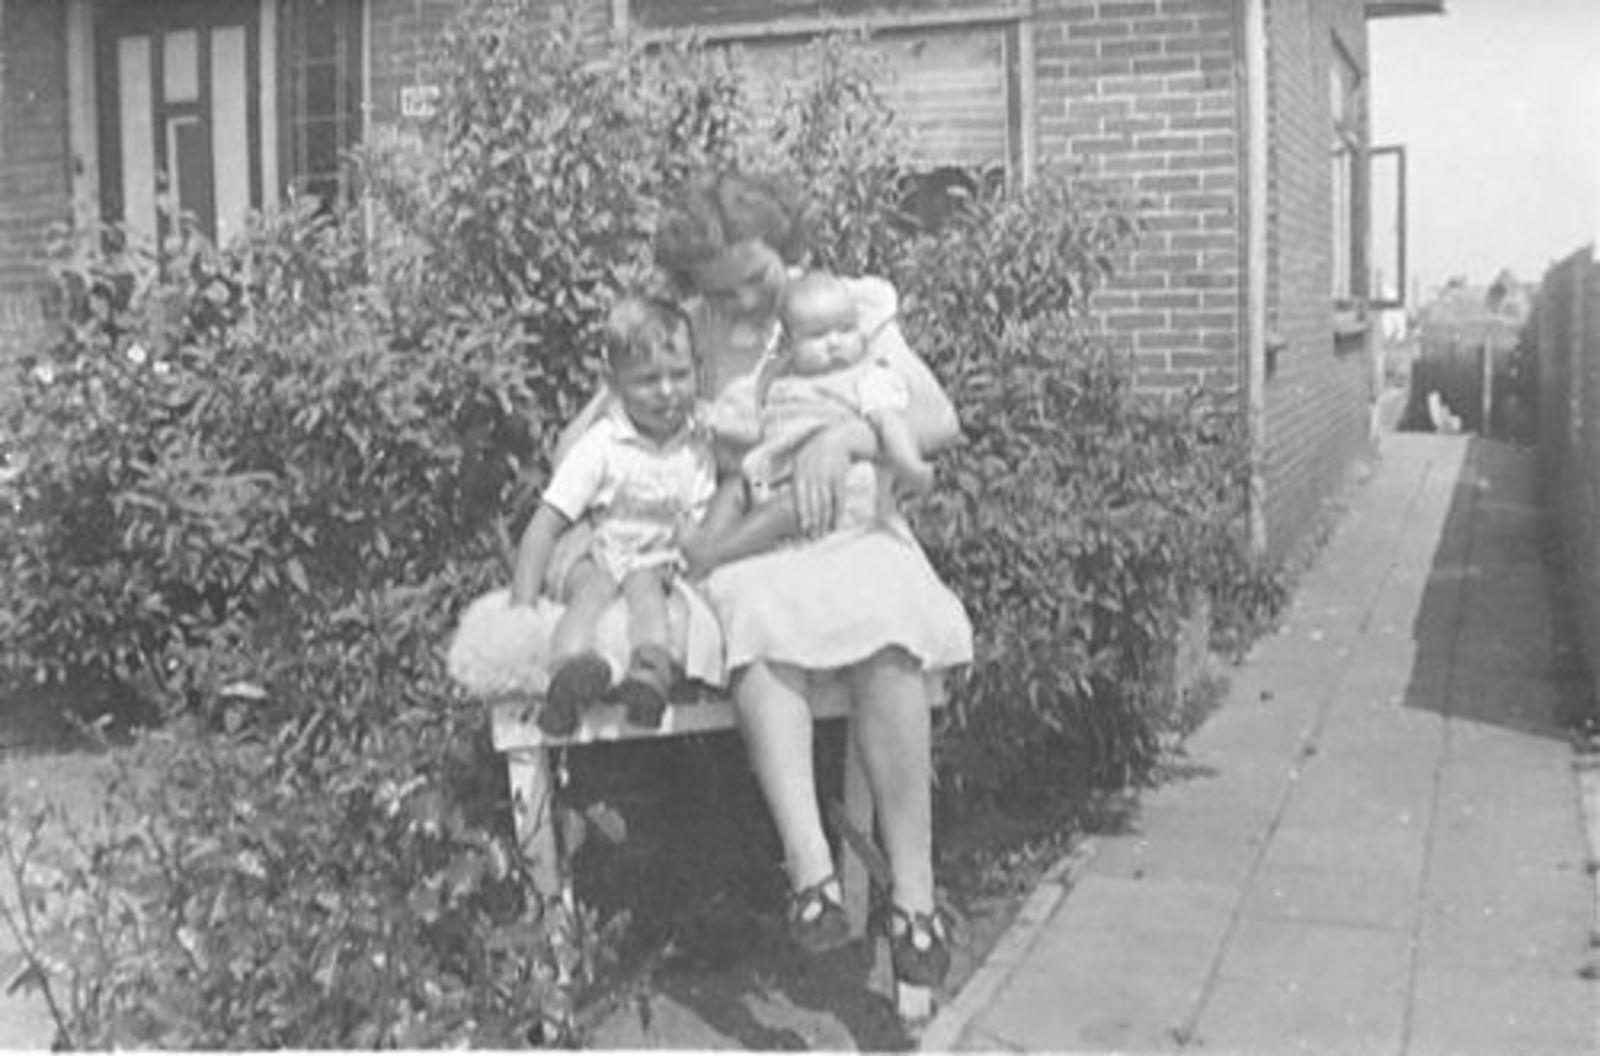 Vijfhuizerweg 0199+ 1947± met Familie Bram Stieva 01